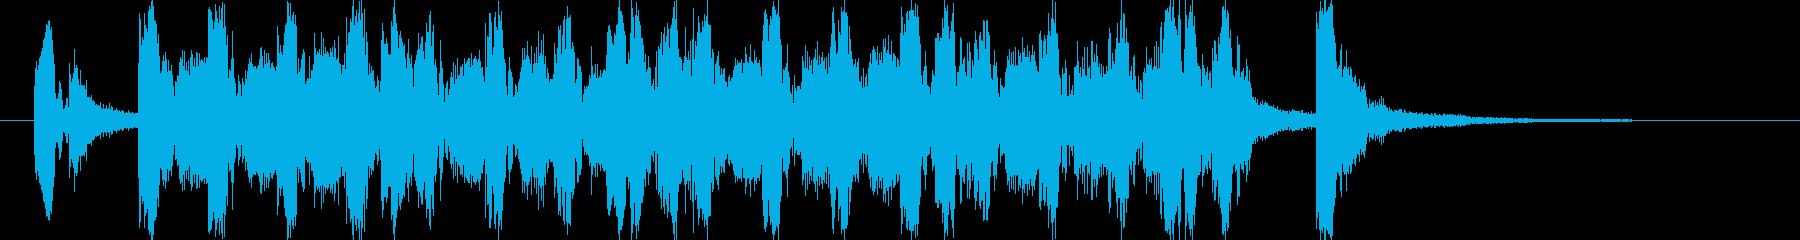 ポップな4つ打ち系ジングル(7秒版)の再生済みの波形